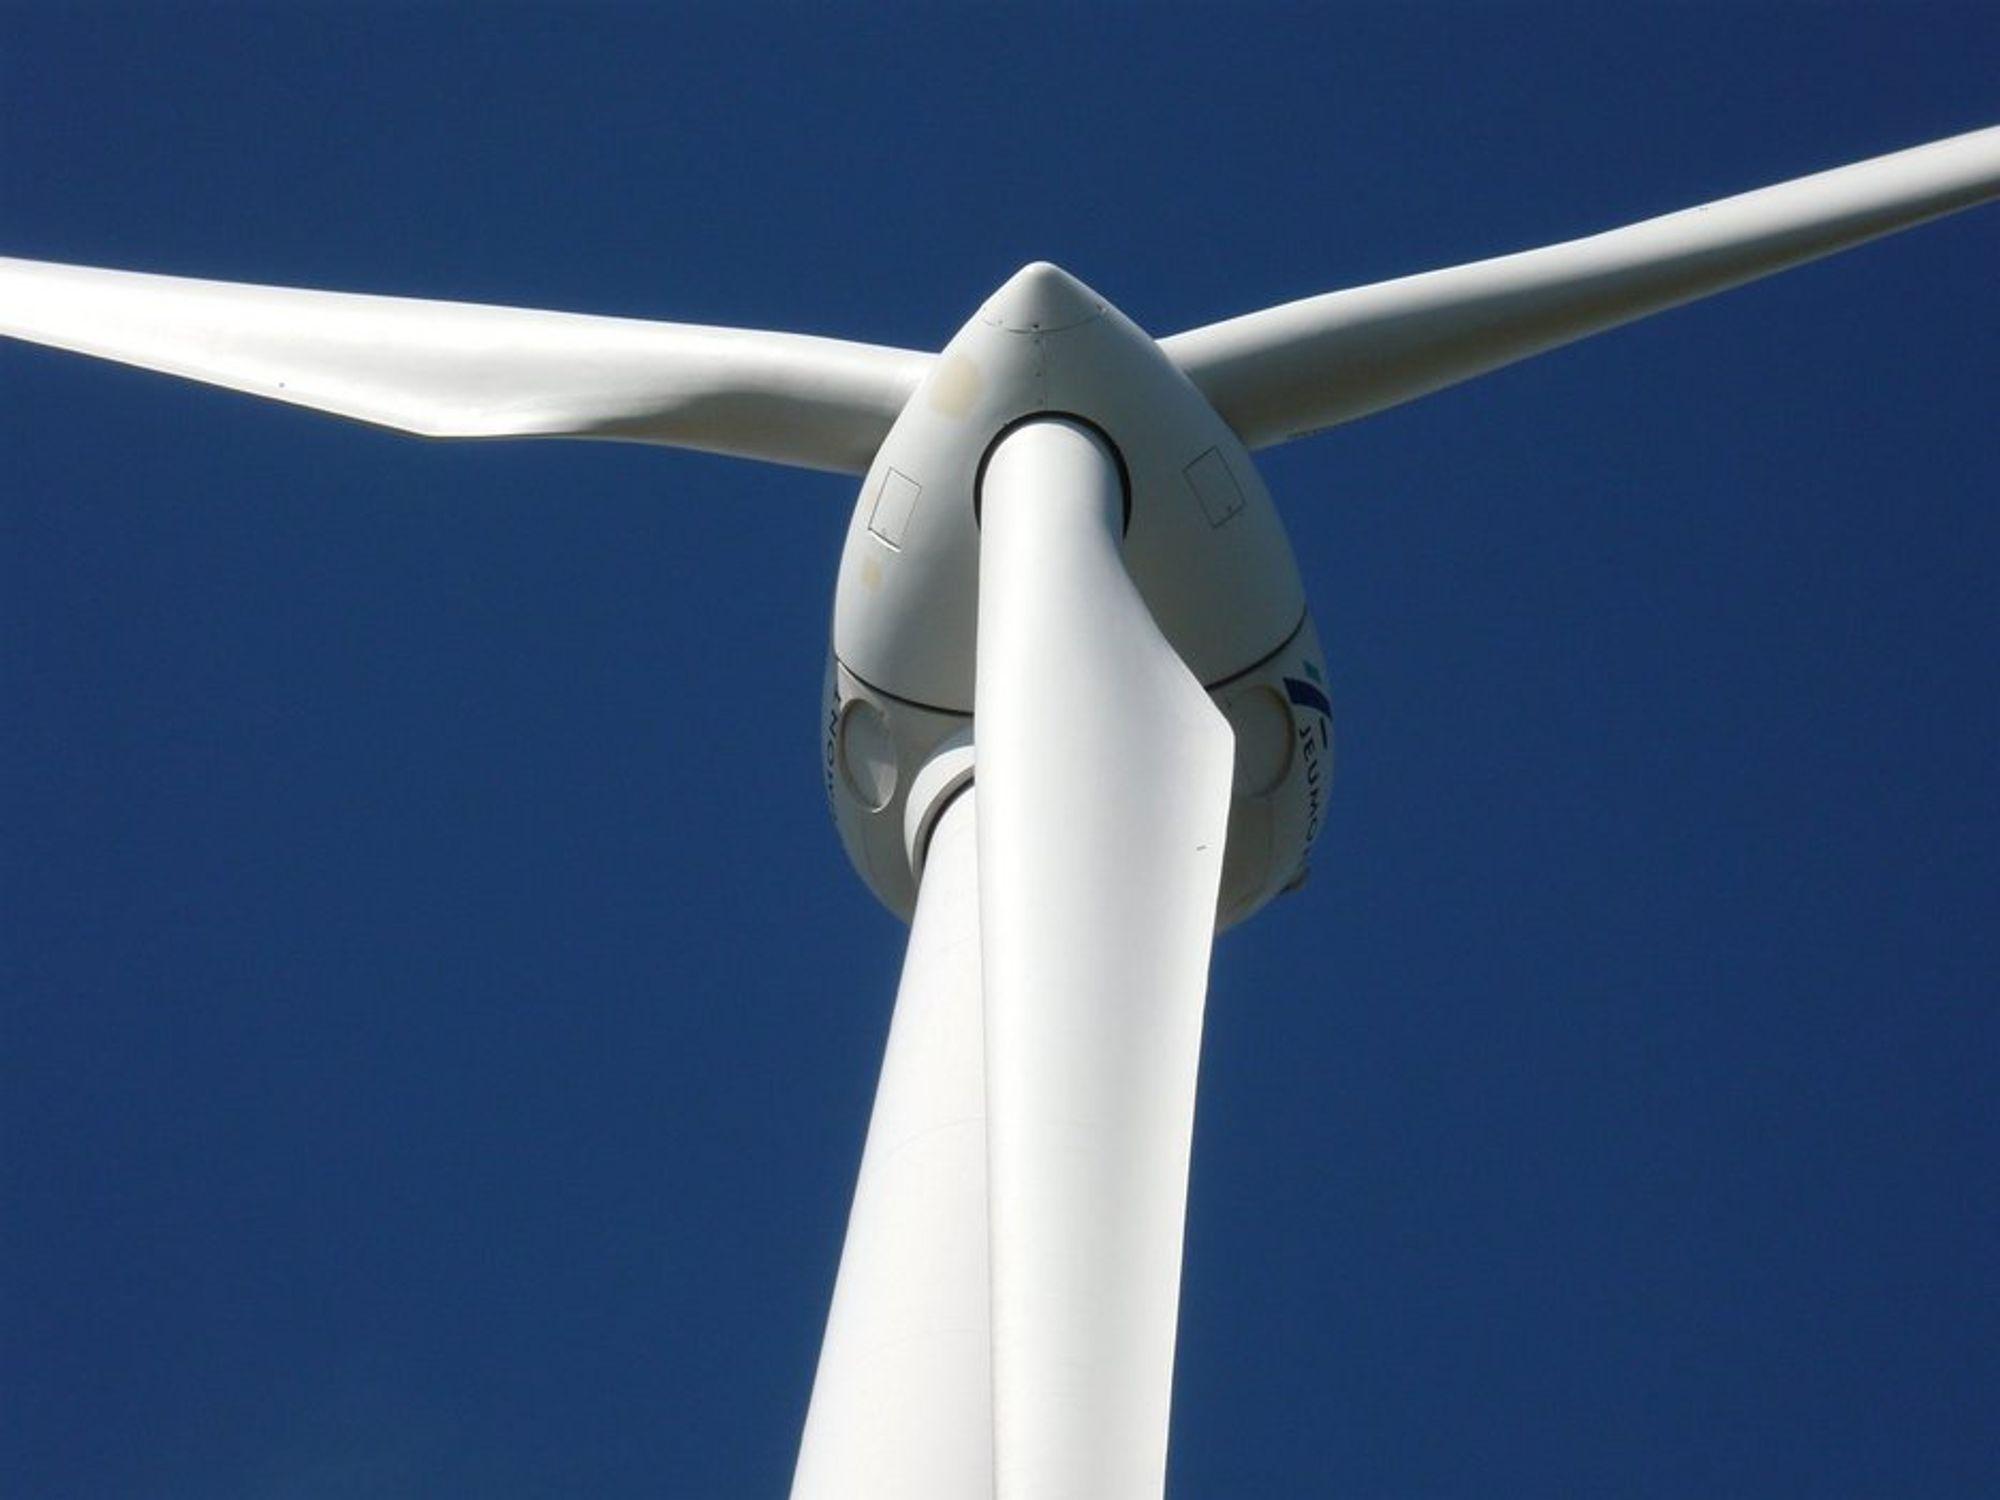 DYRT: Ny svensk rapport advarer mot en omfattende vindkraftutbygging, da det koster for meget.